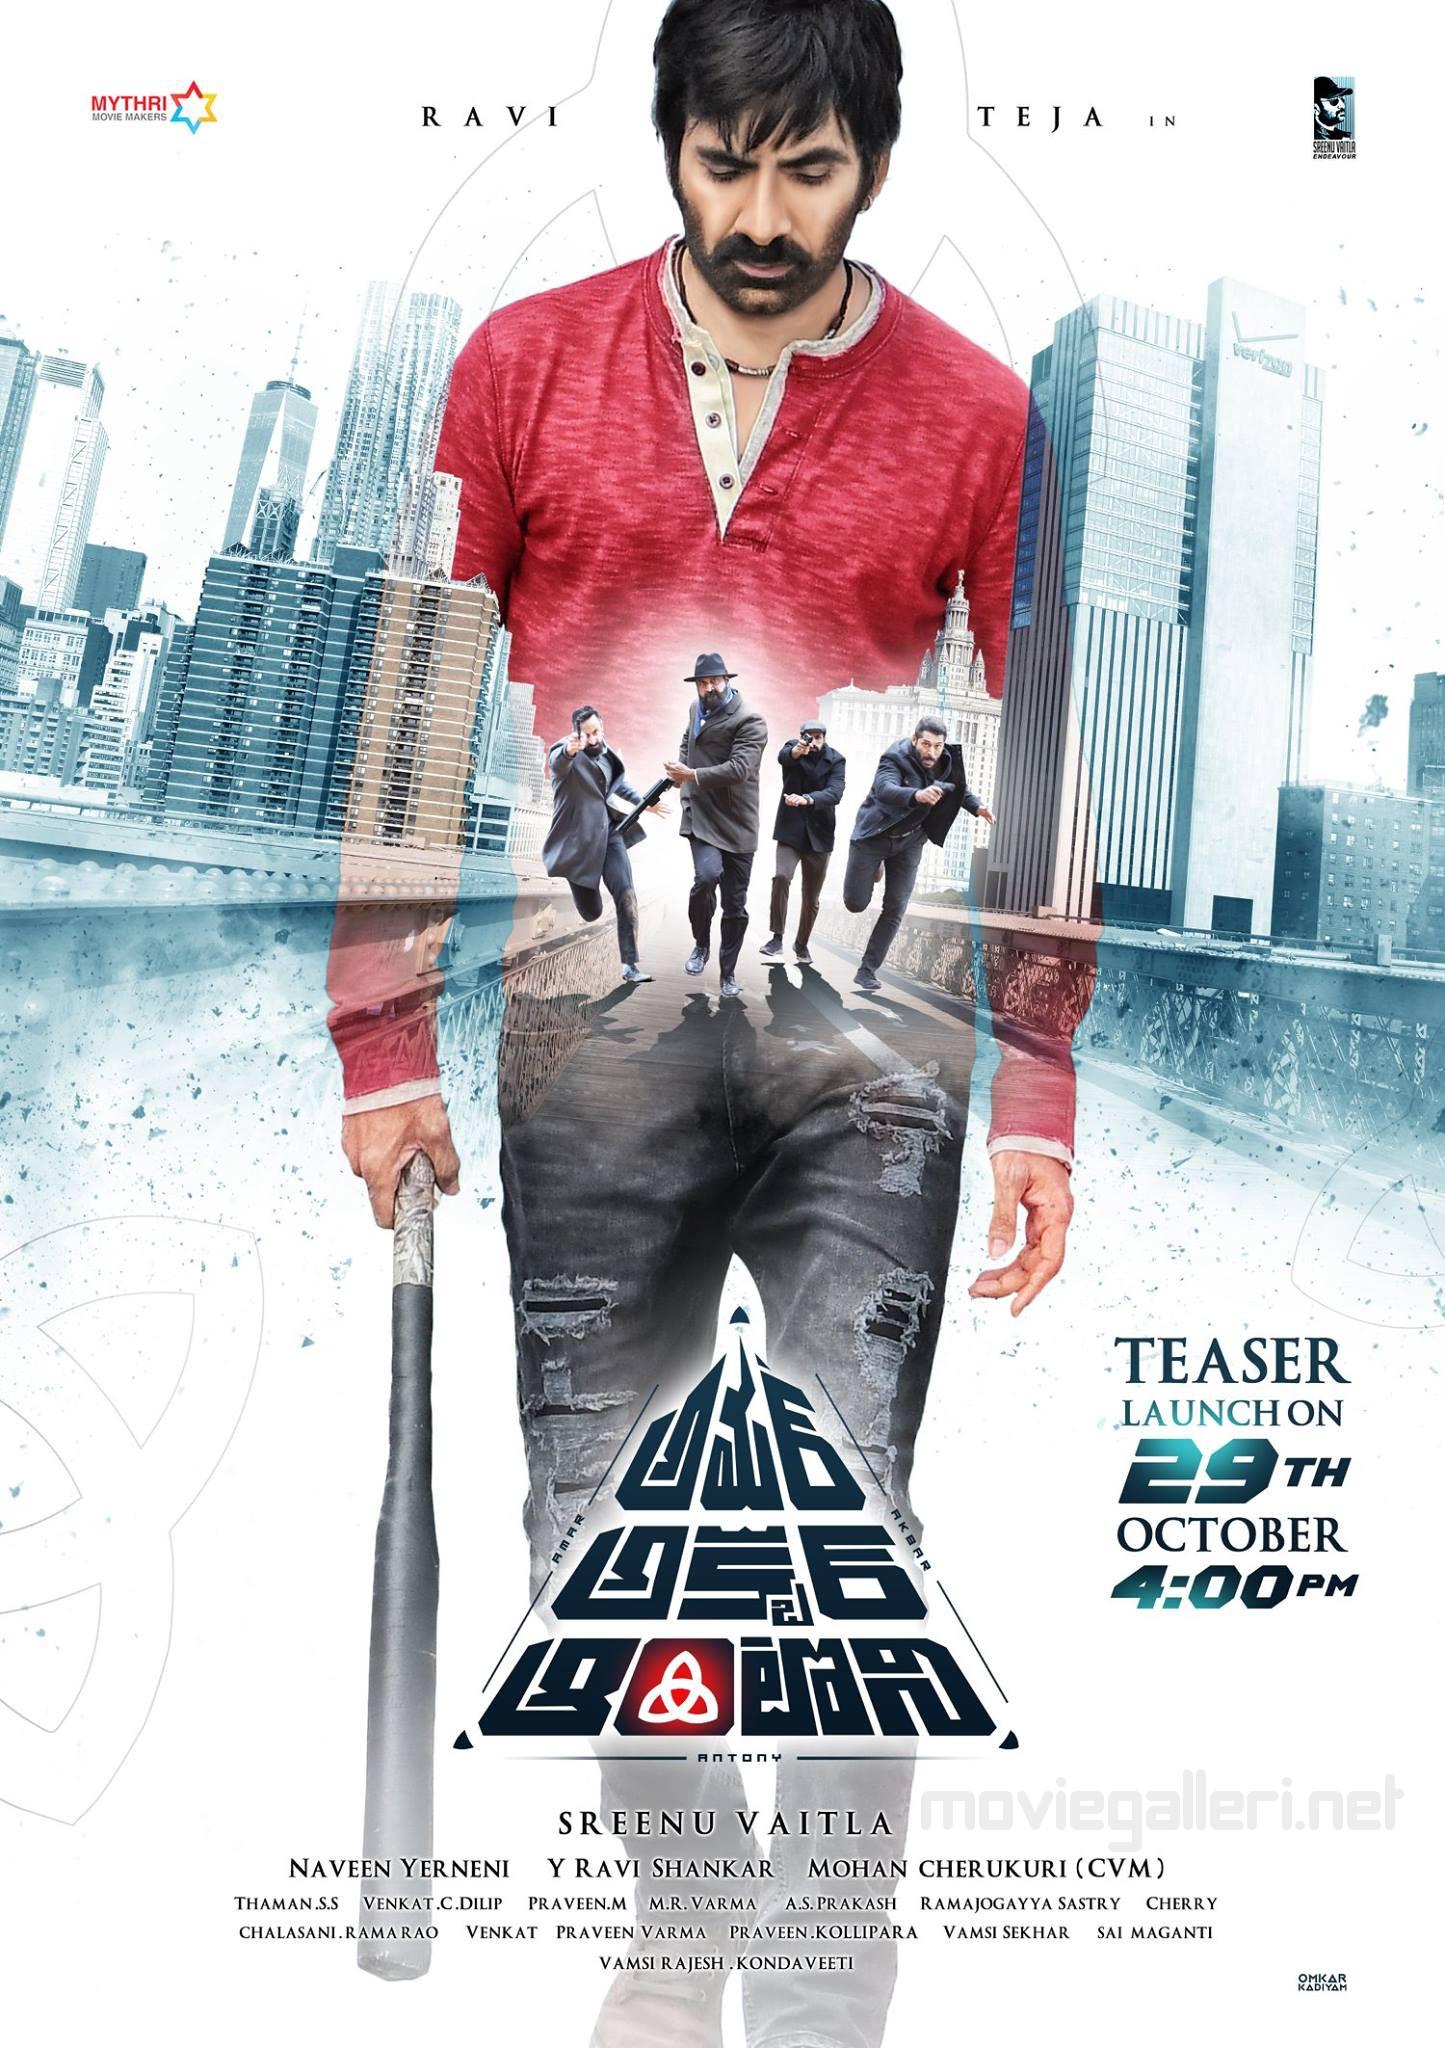 Ravi Teja Amar Akbar Anthony Teaser Release on October 29th Poster HD